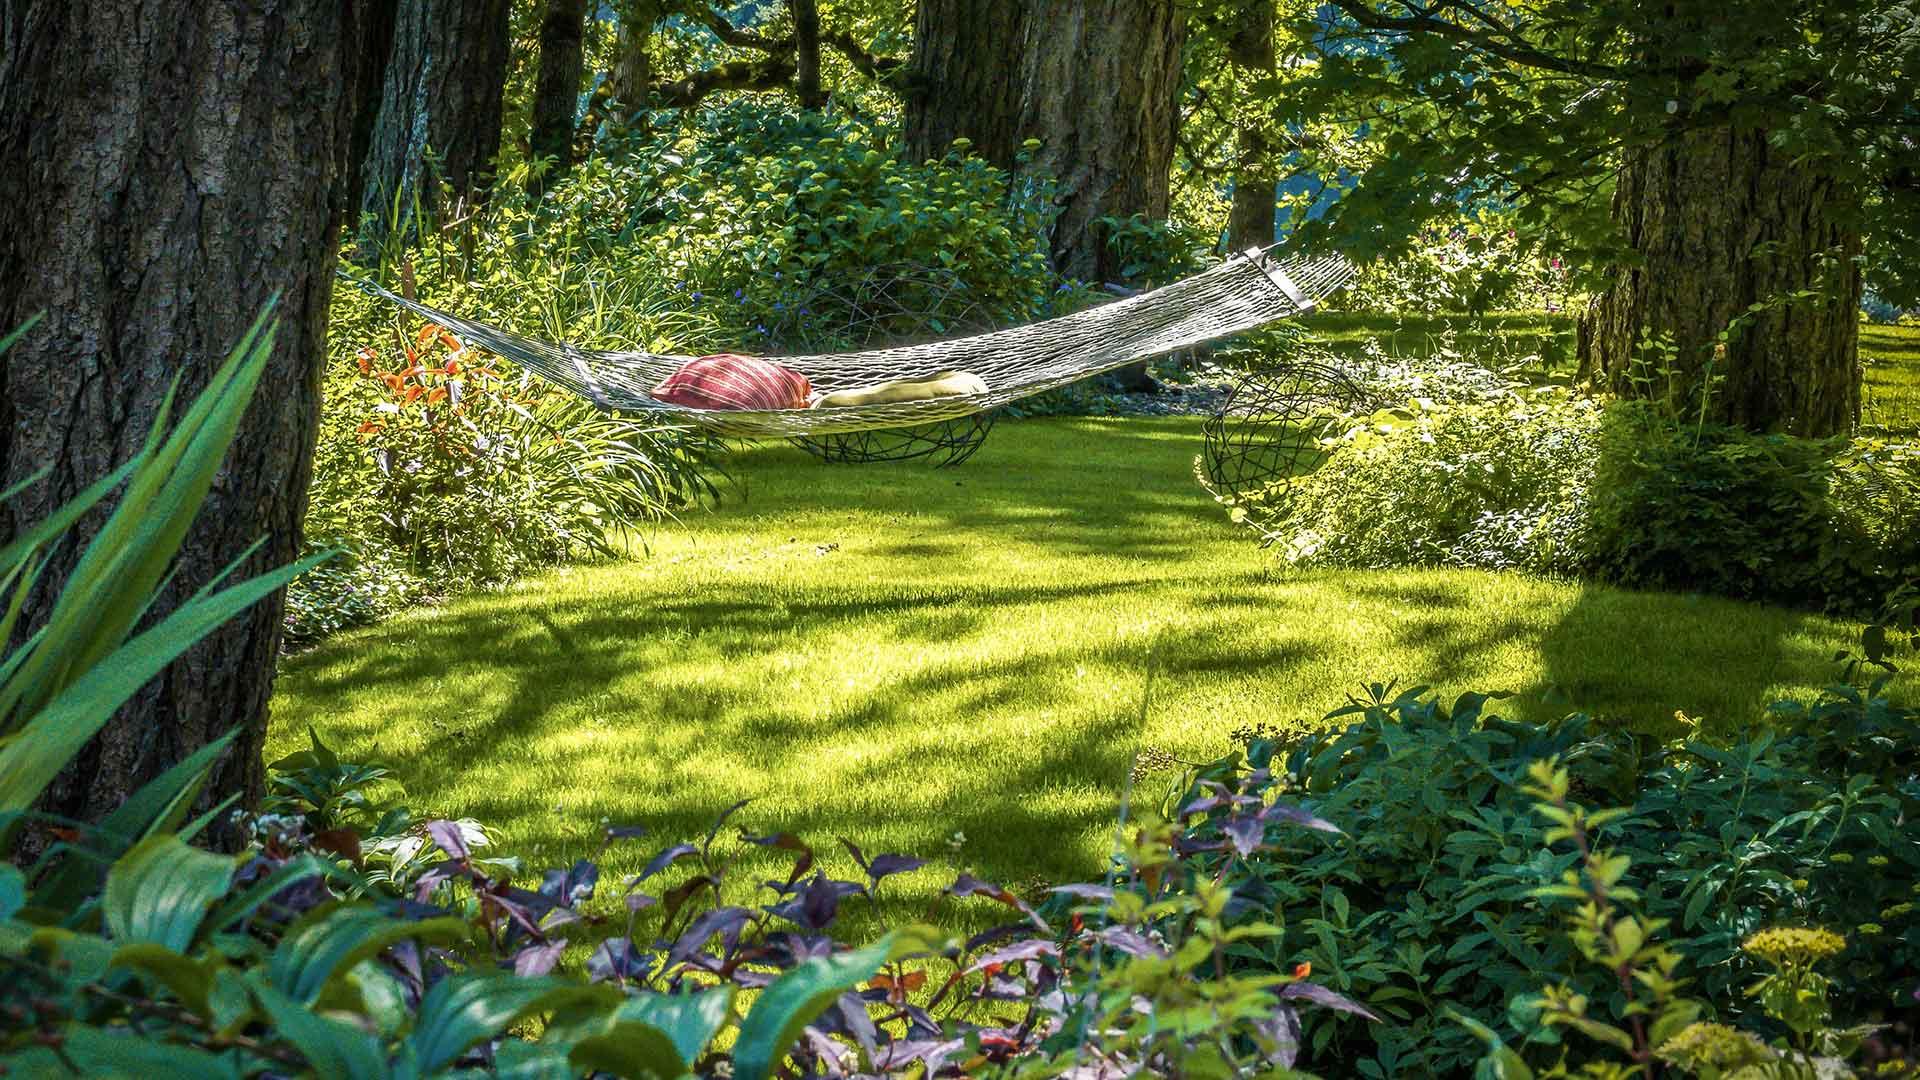 Grüner Garten mit Rollrasen im Schatten mit Hängematte